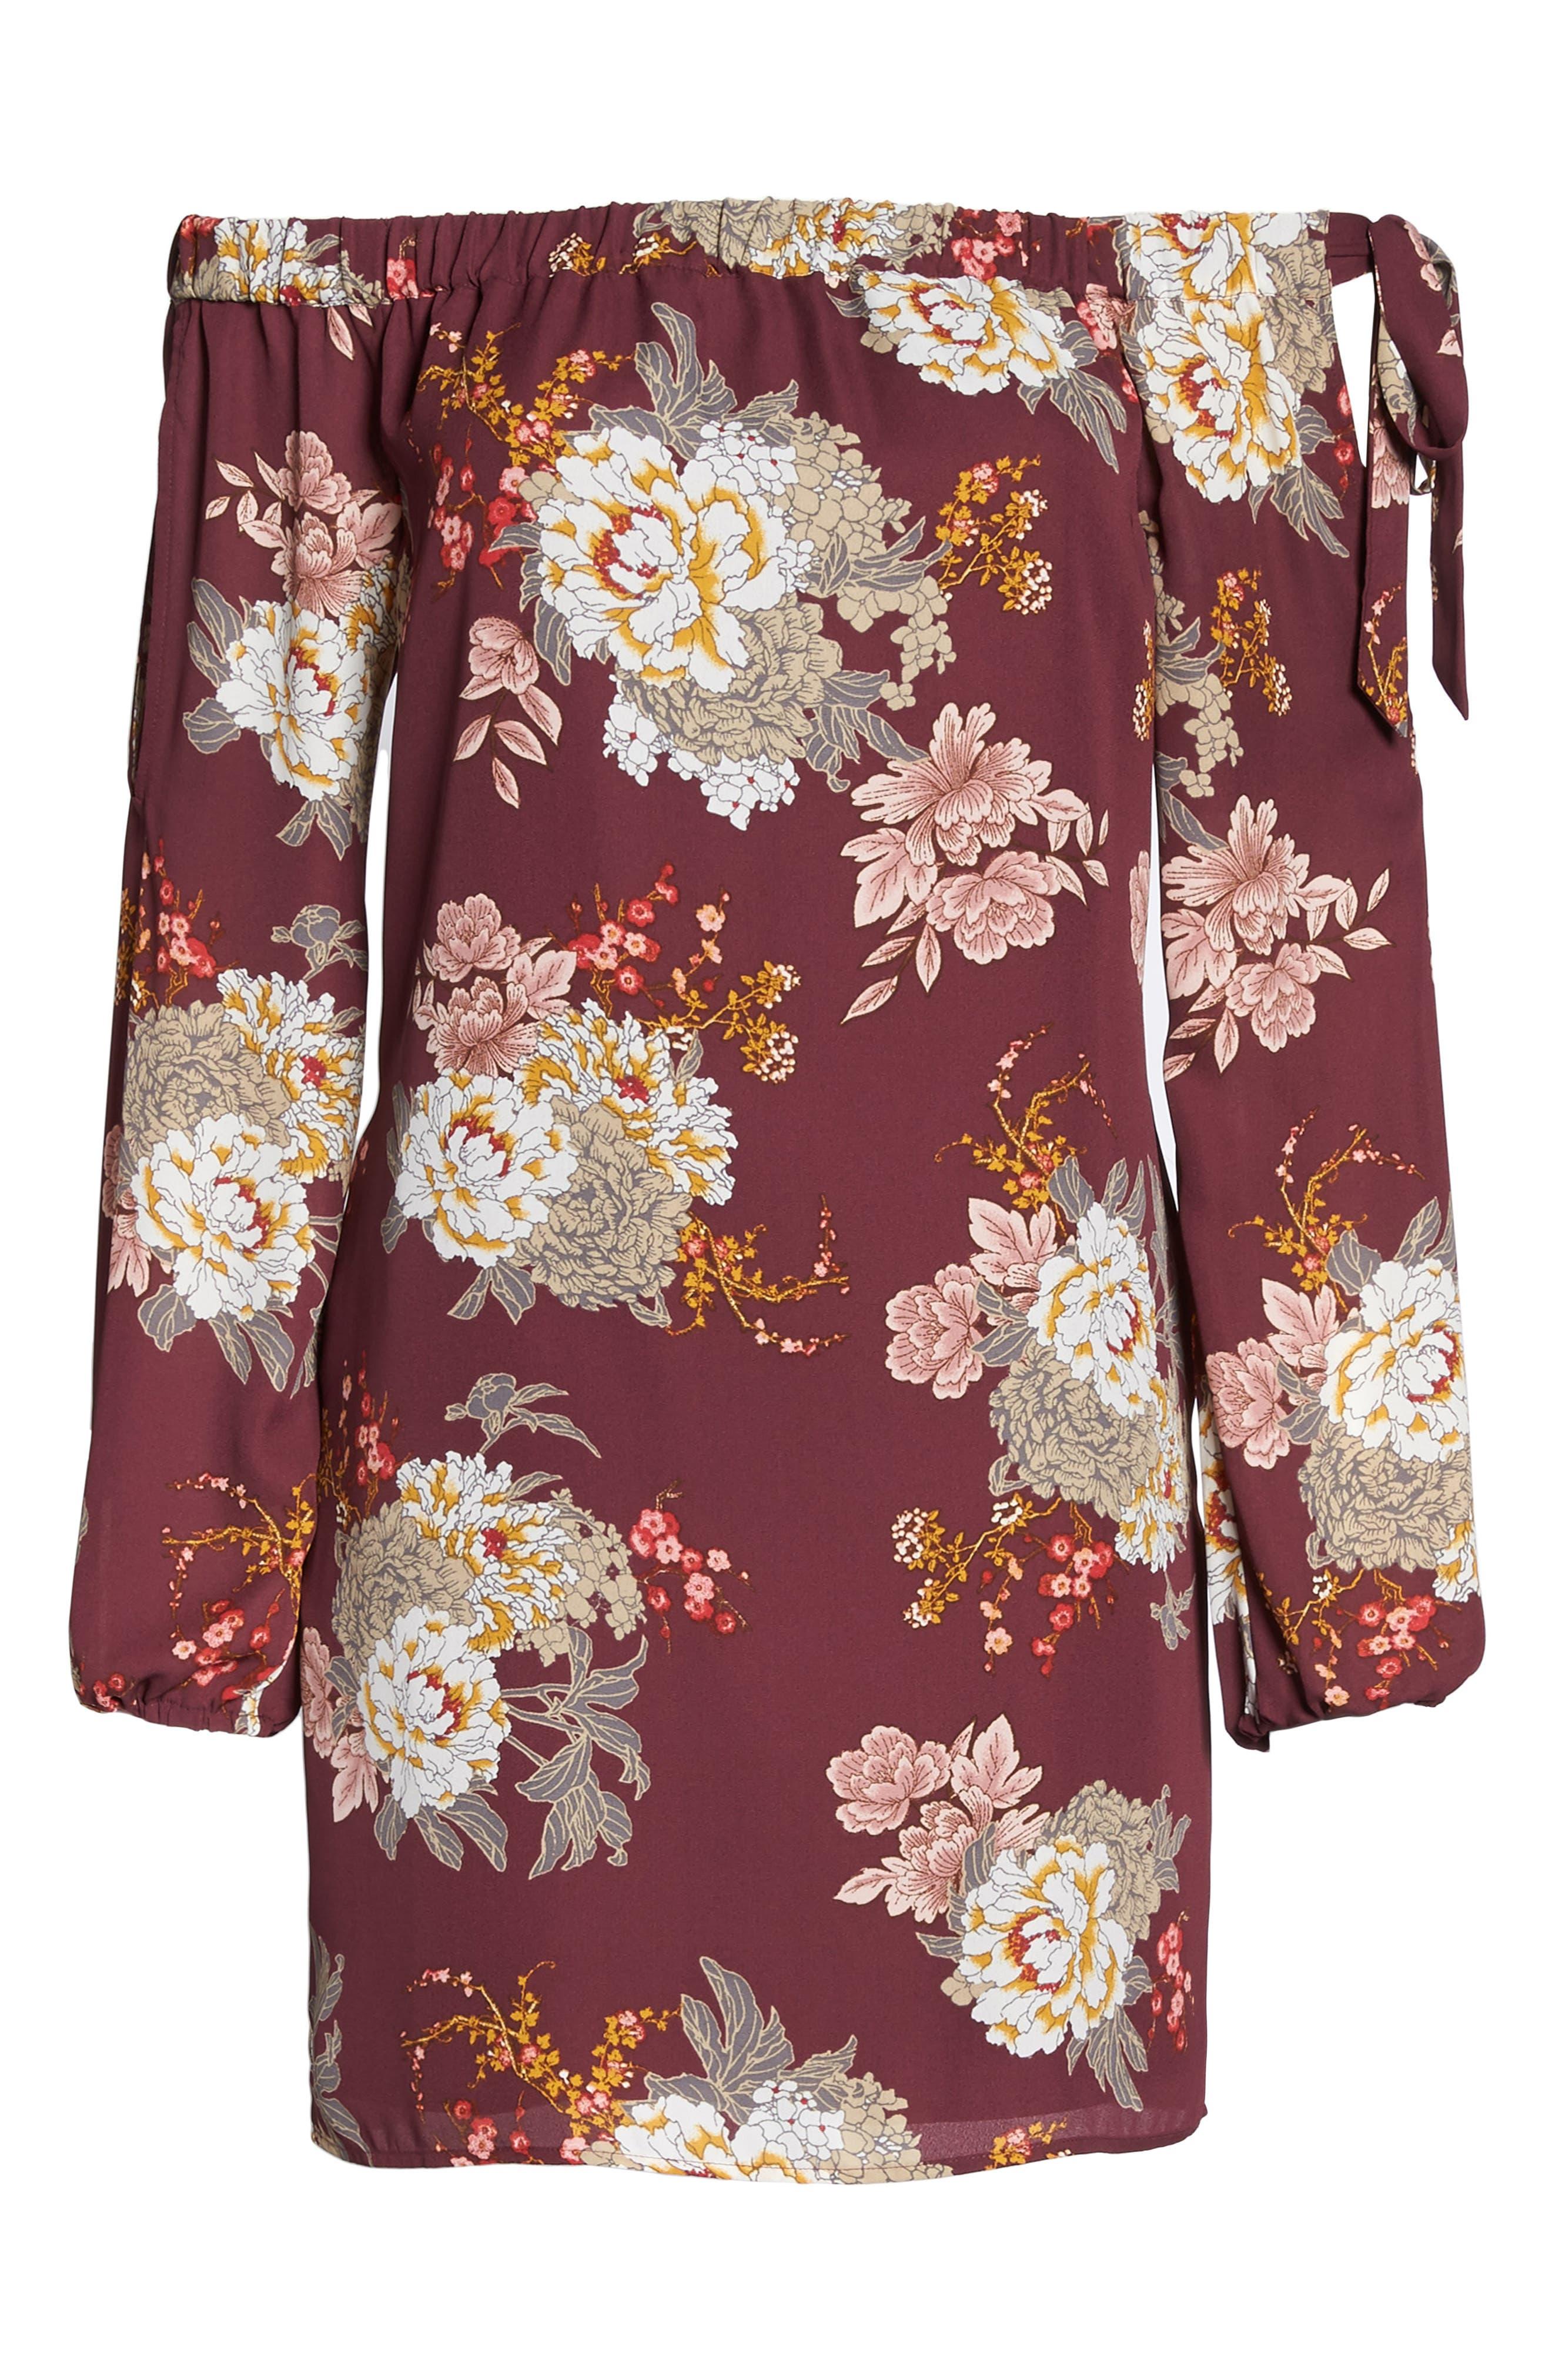 Jade Off the Shoulder Dress,                             Alternate thumbnail 6, color,                             506